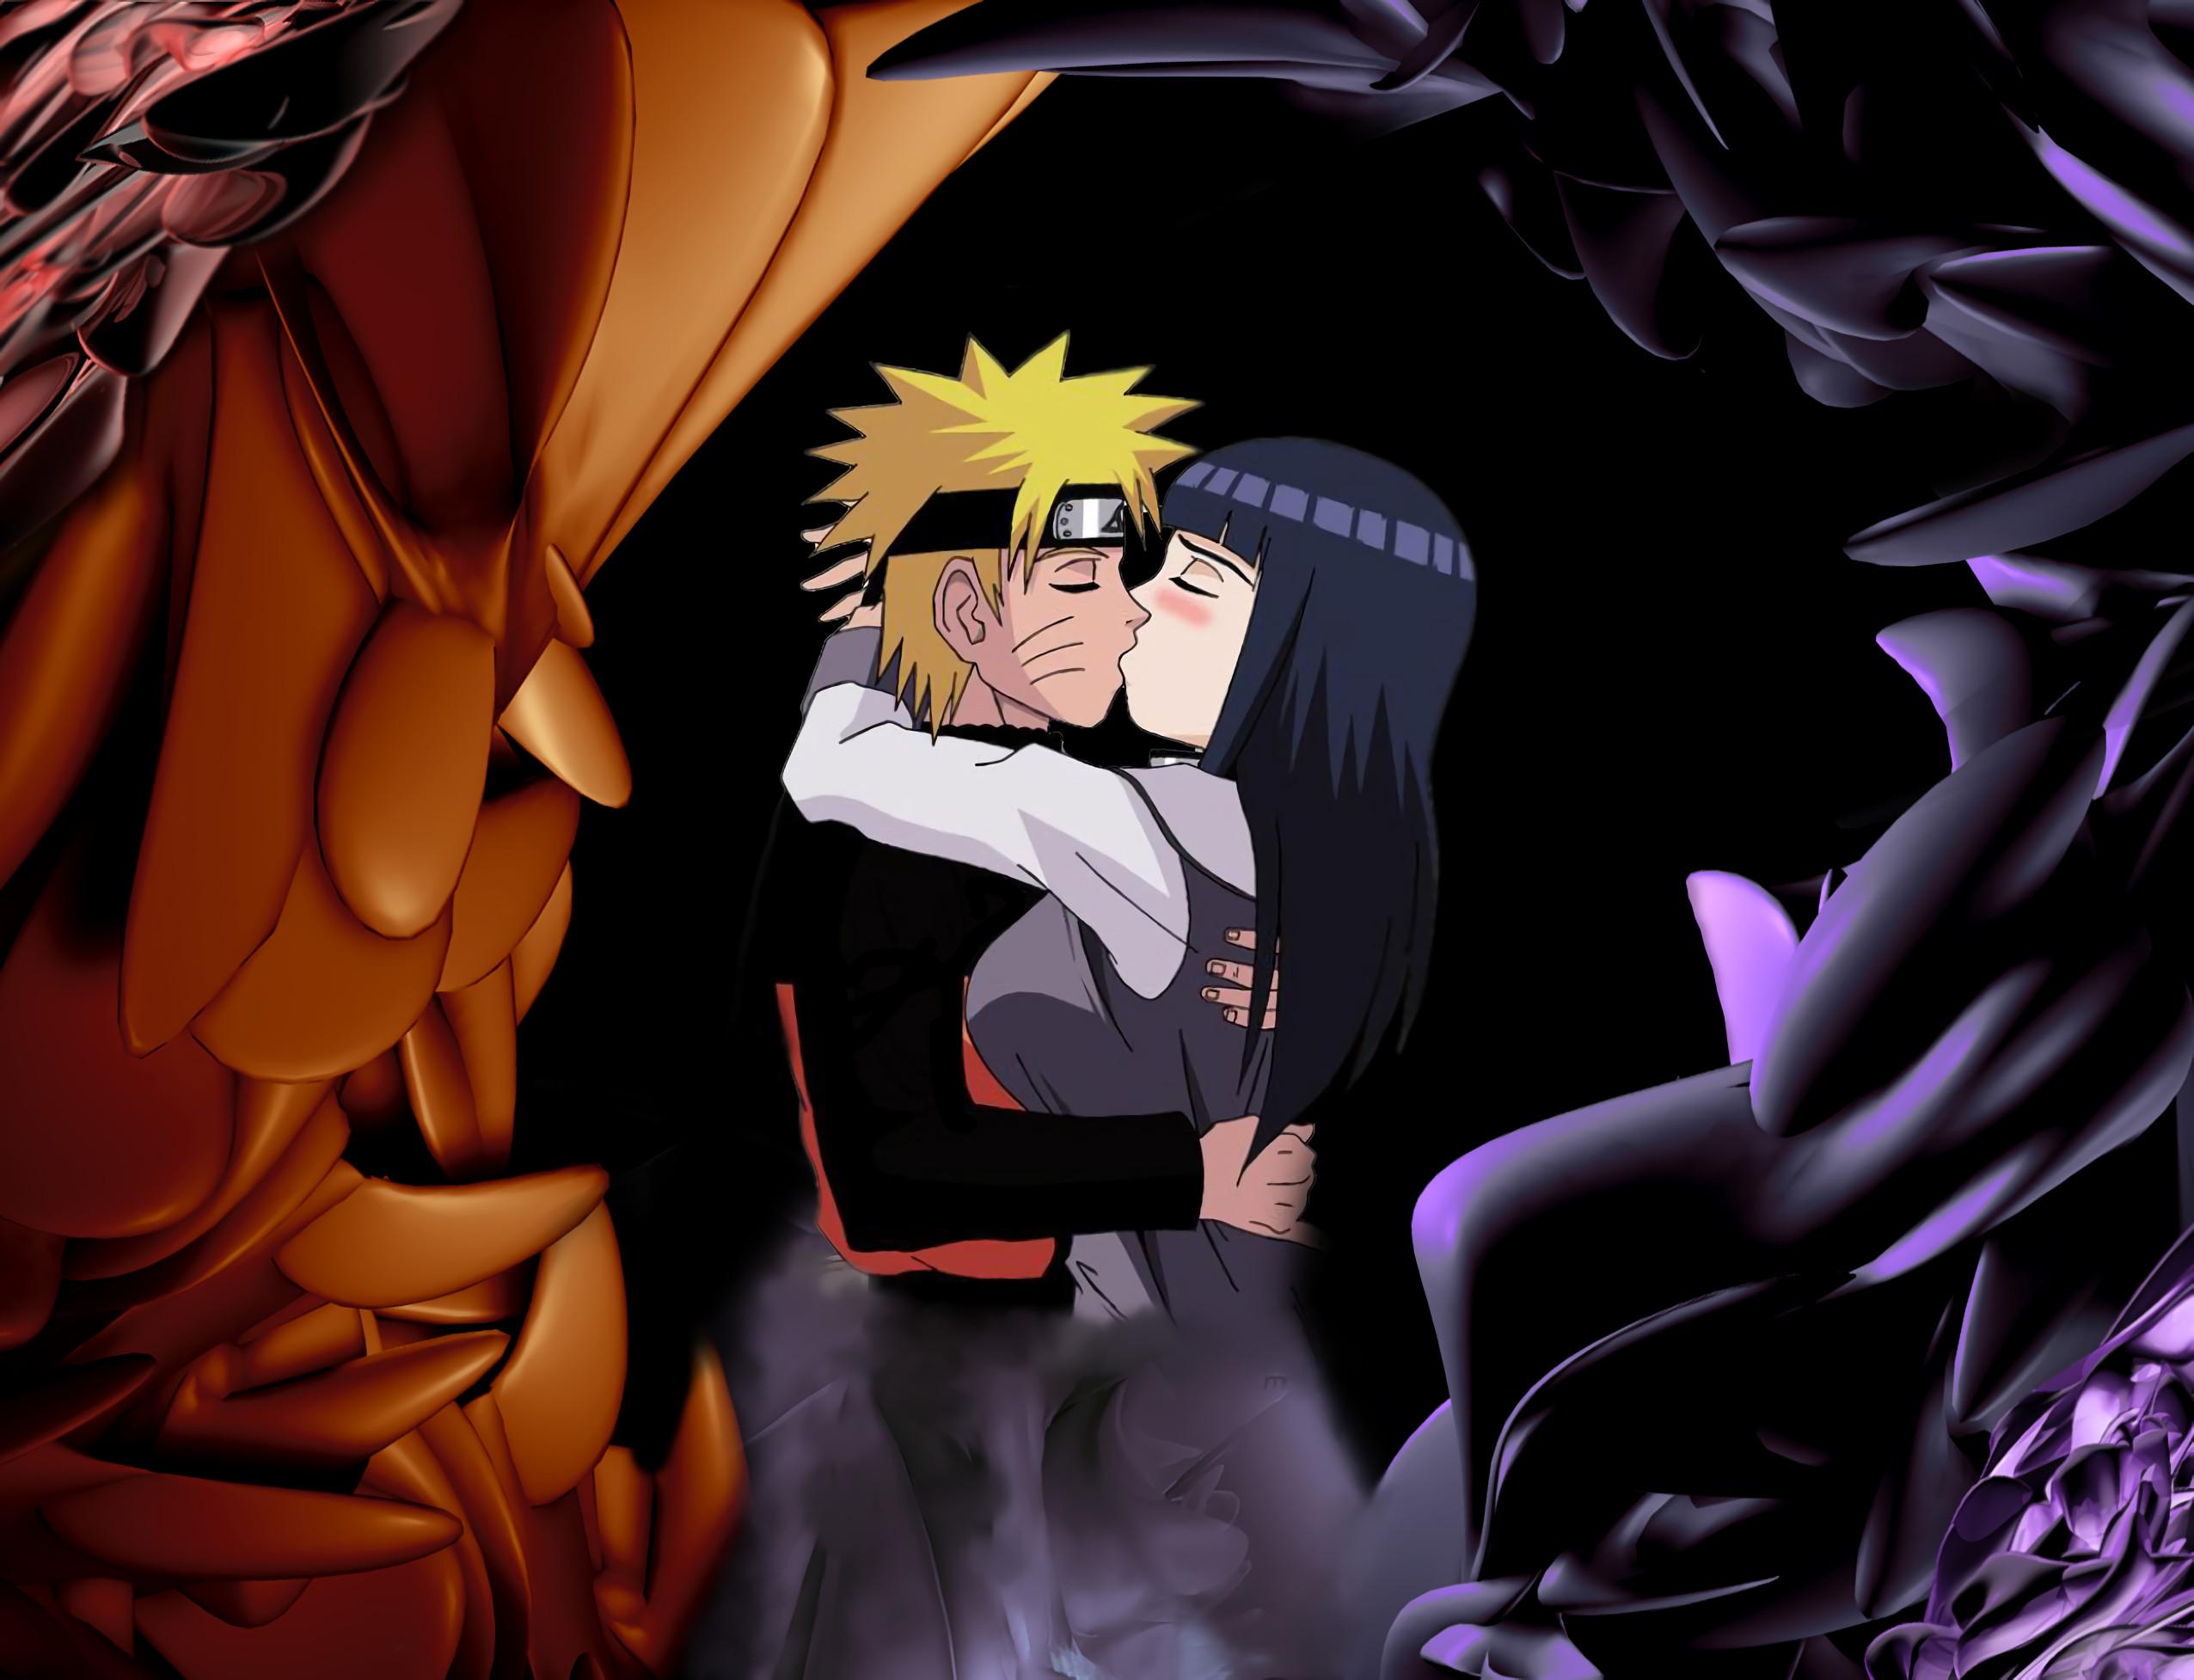 Naruto Wallpaper Hd 79 Images